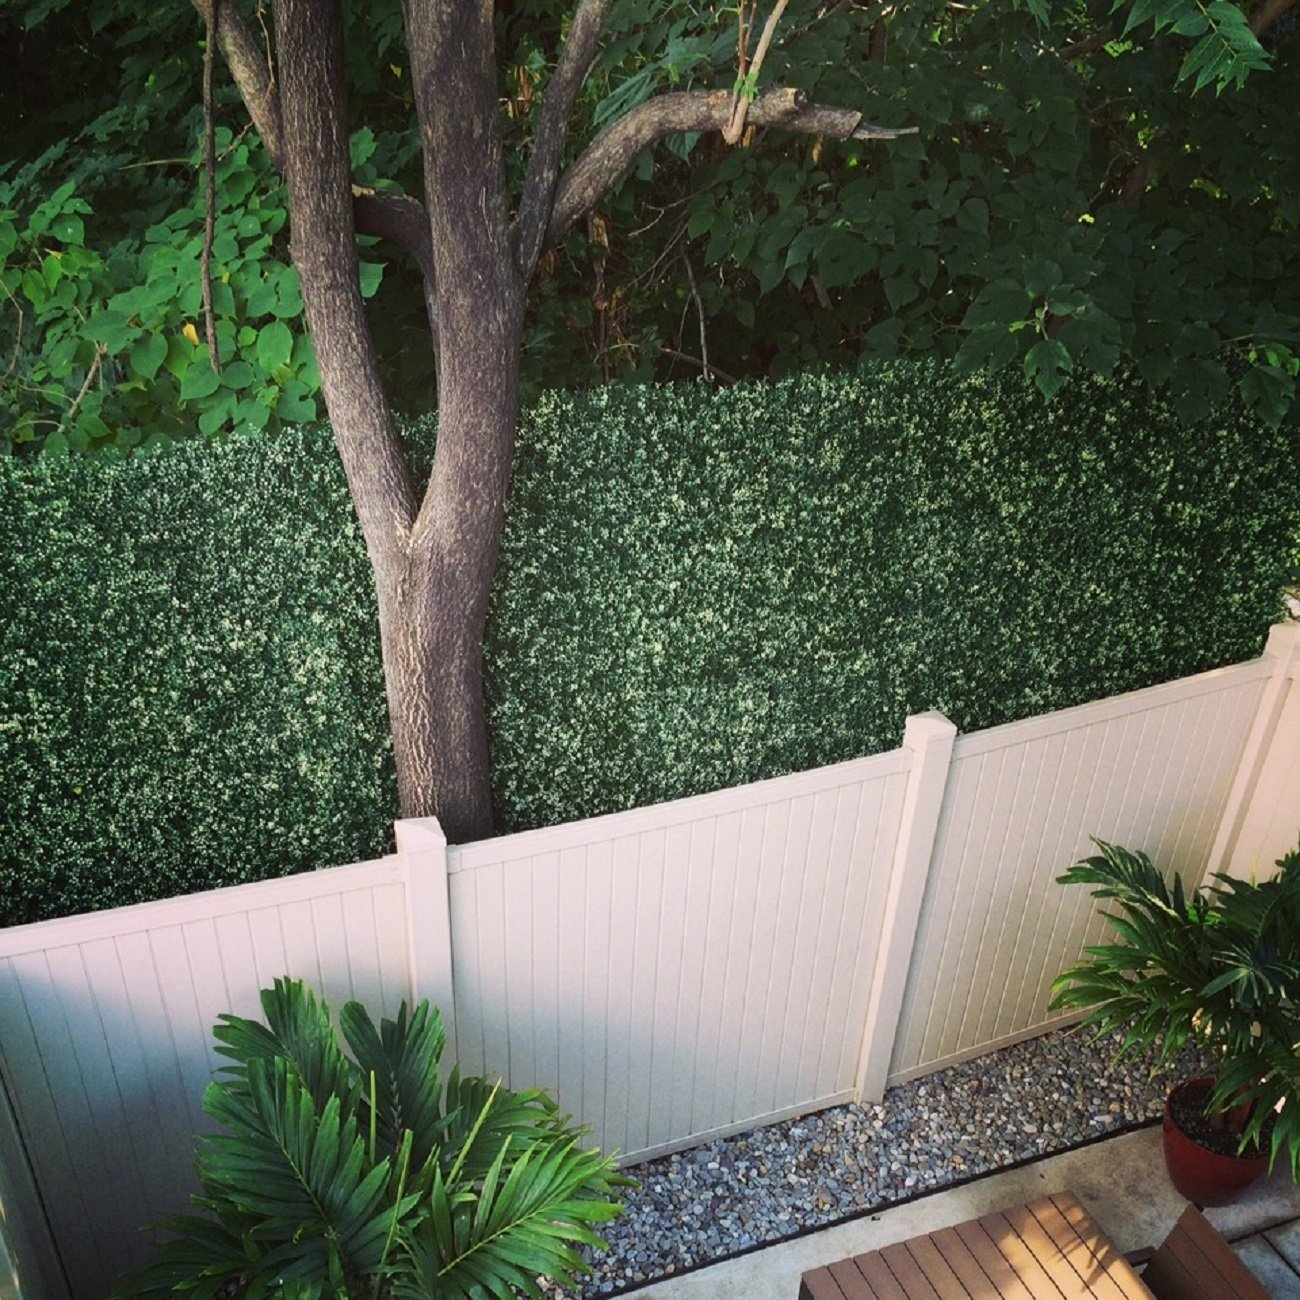 Greensmart D/écor Artificial Boxwood Ficus 20 x 20 Greenery Mats Set of 4 Greensmart Décor MZ-8050